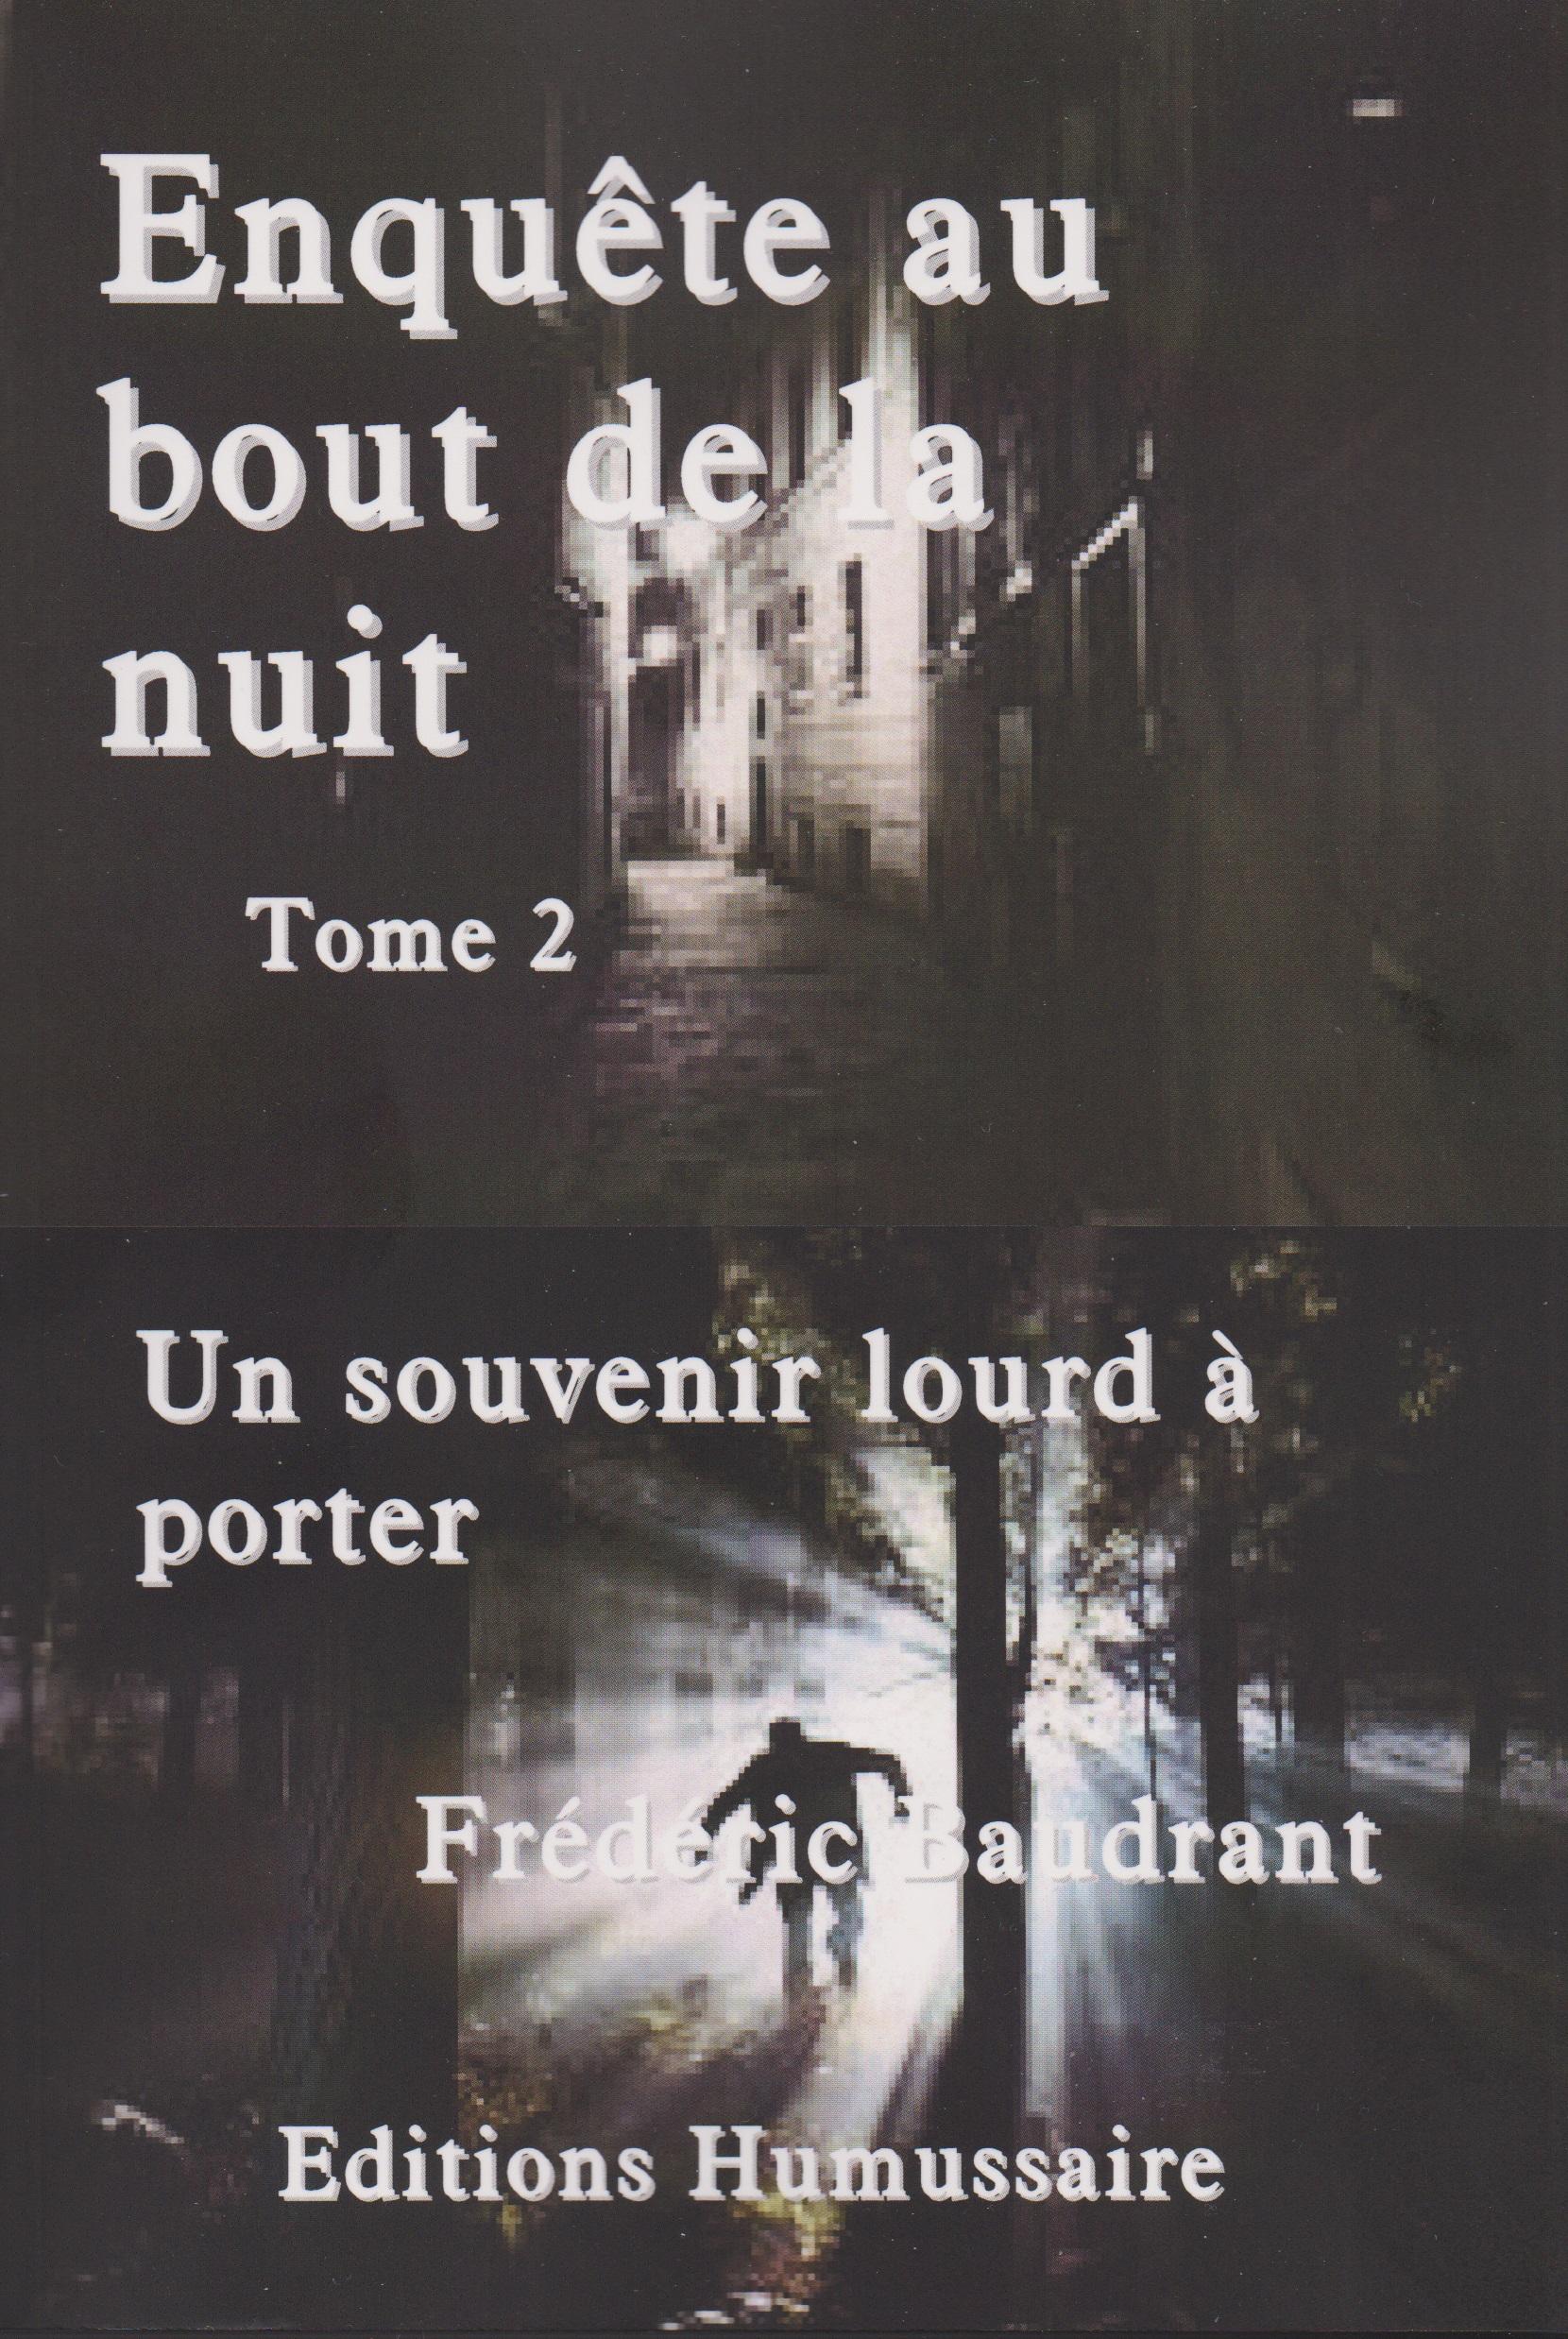 Enquête au bout de la nuit - Tome 2 - Un souvenir lourd à porter - Frédéric Baudrant